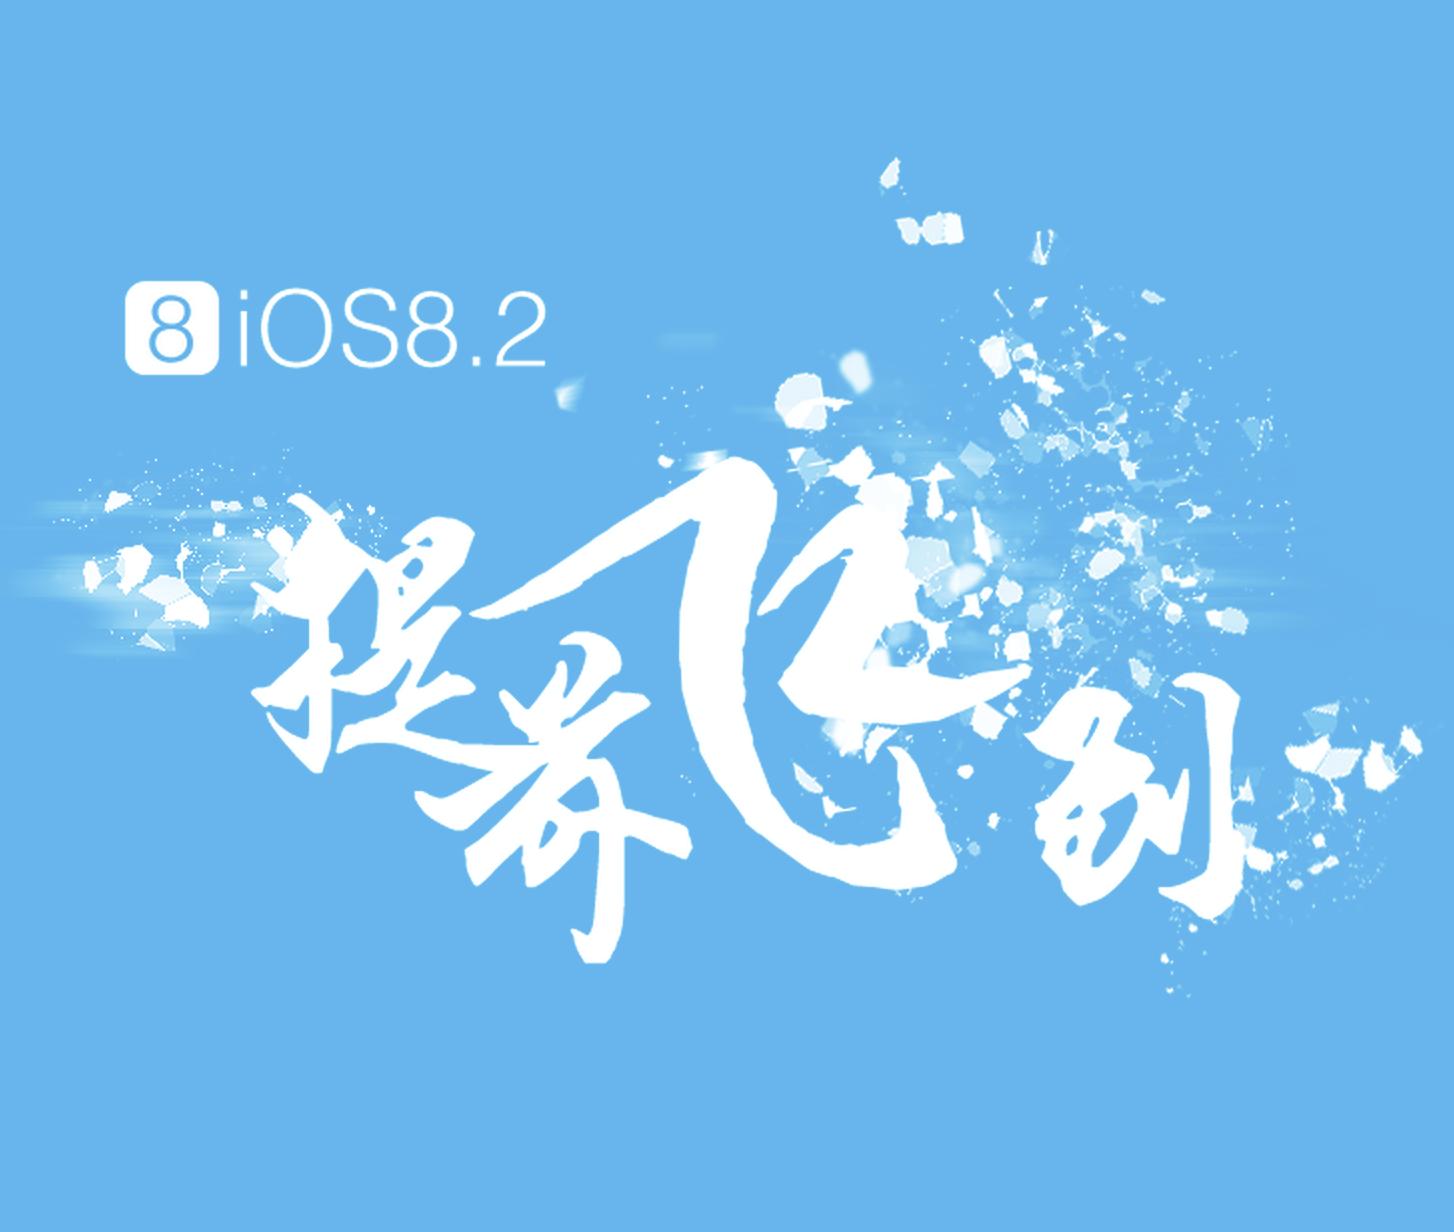 TaiG iOS 8.2 beta